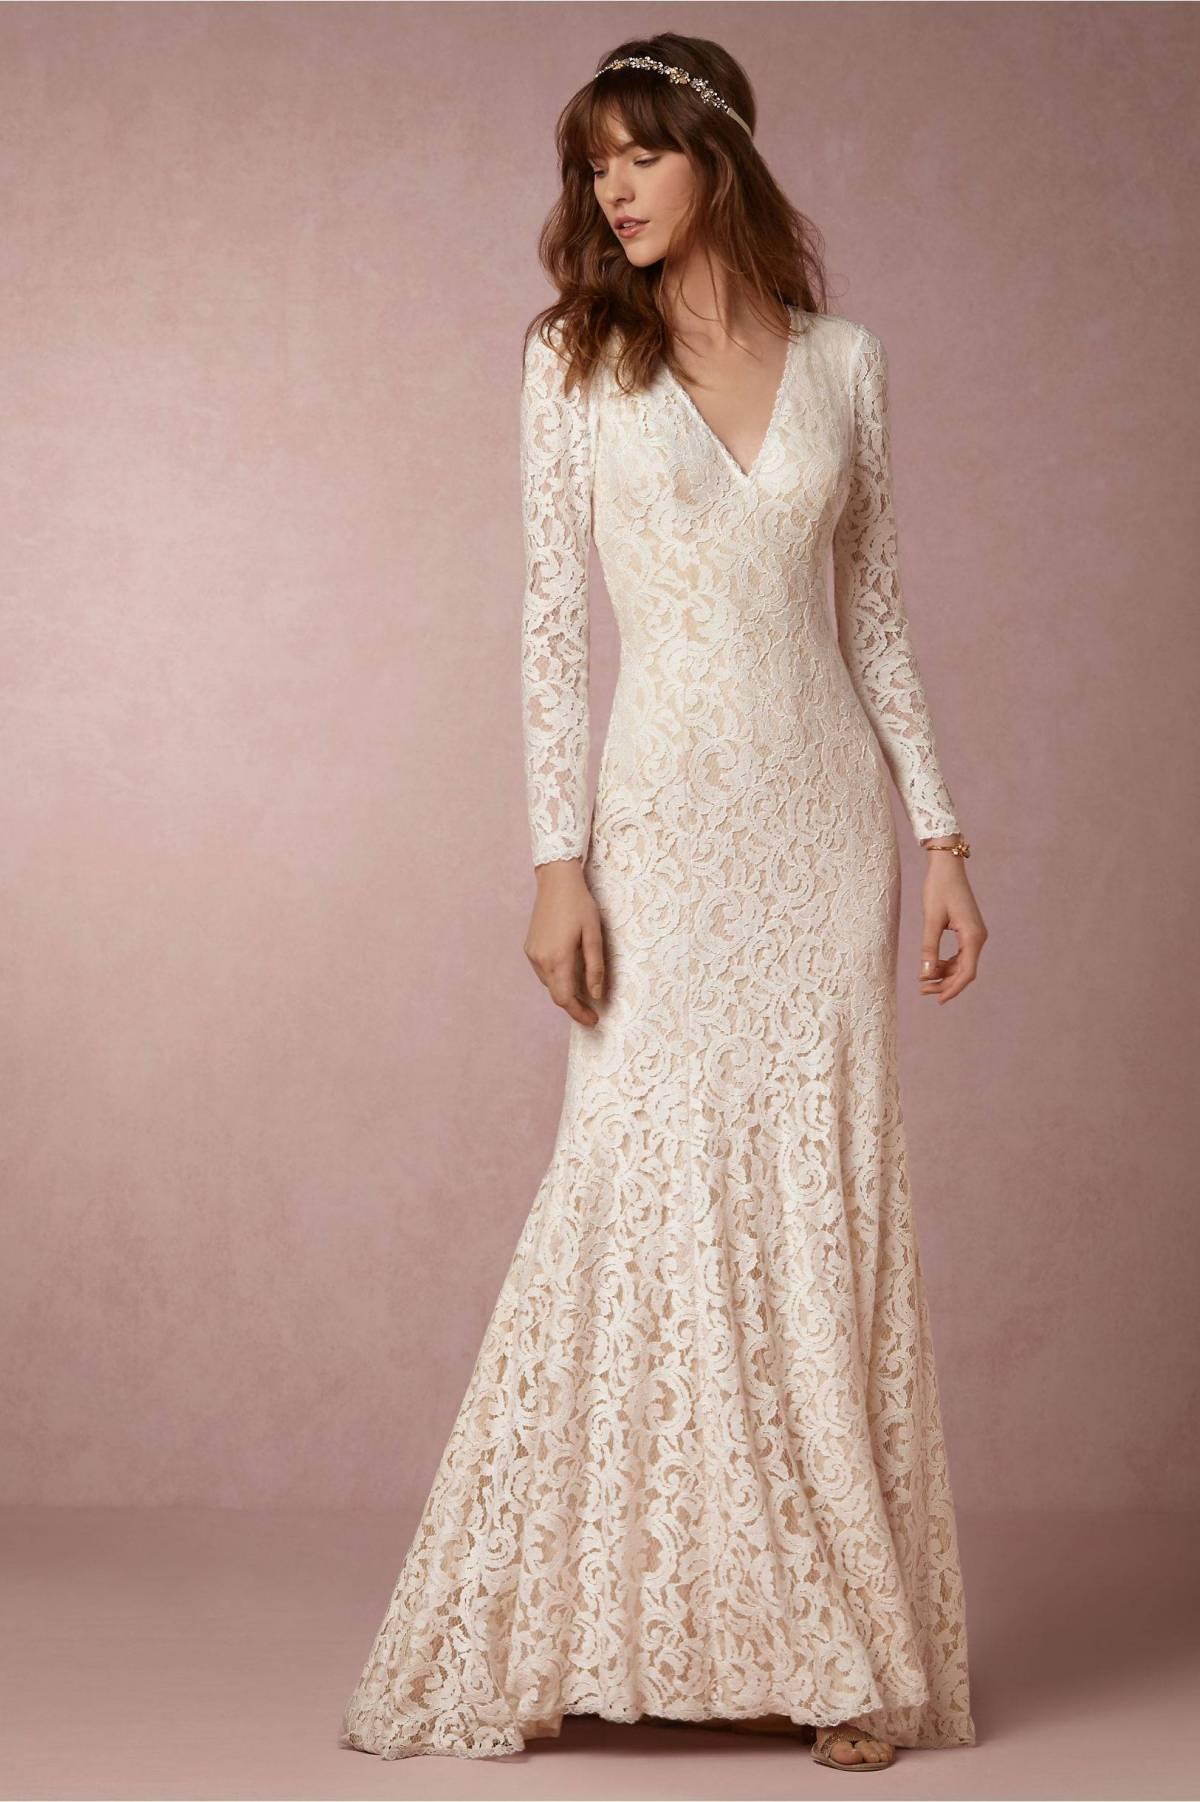 Famoso Vows Wedding Dress Elaboración - Colección de Vestidos de ...